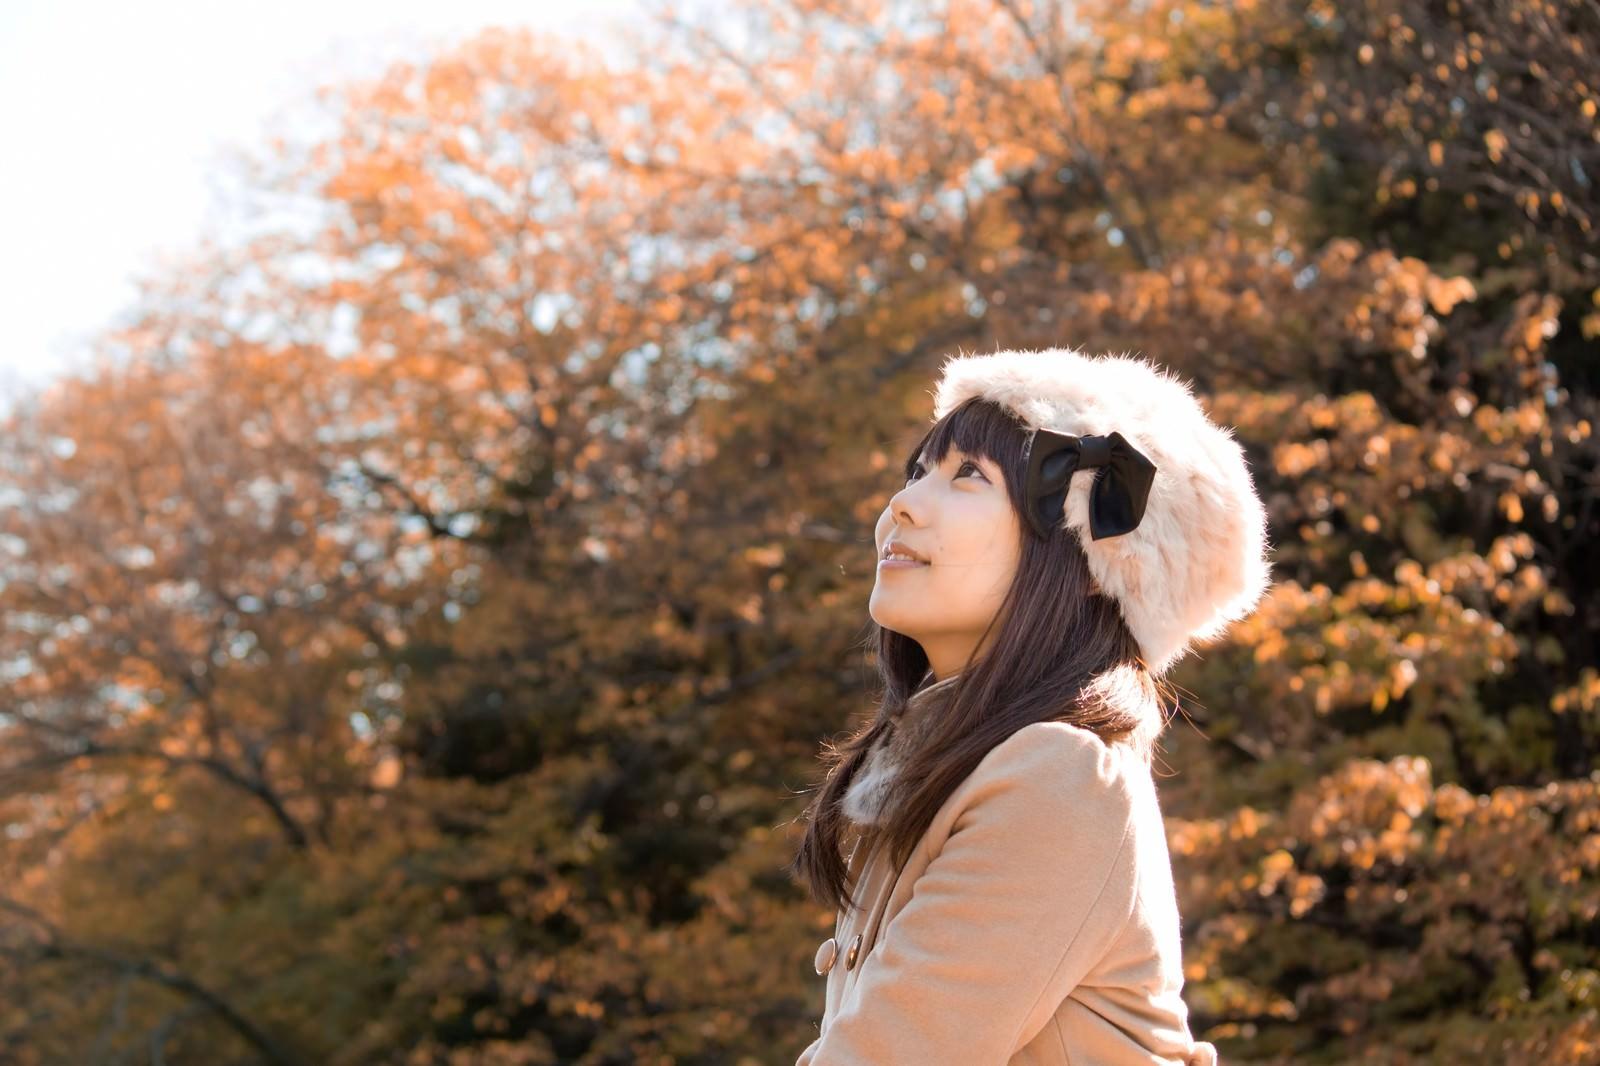 「秋の紅葉とロシア帽の女性秋の紅葉とロシア帽の女性」[モデル:Lala]のフリー写真素材を拡大